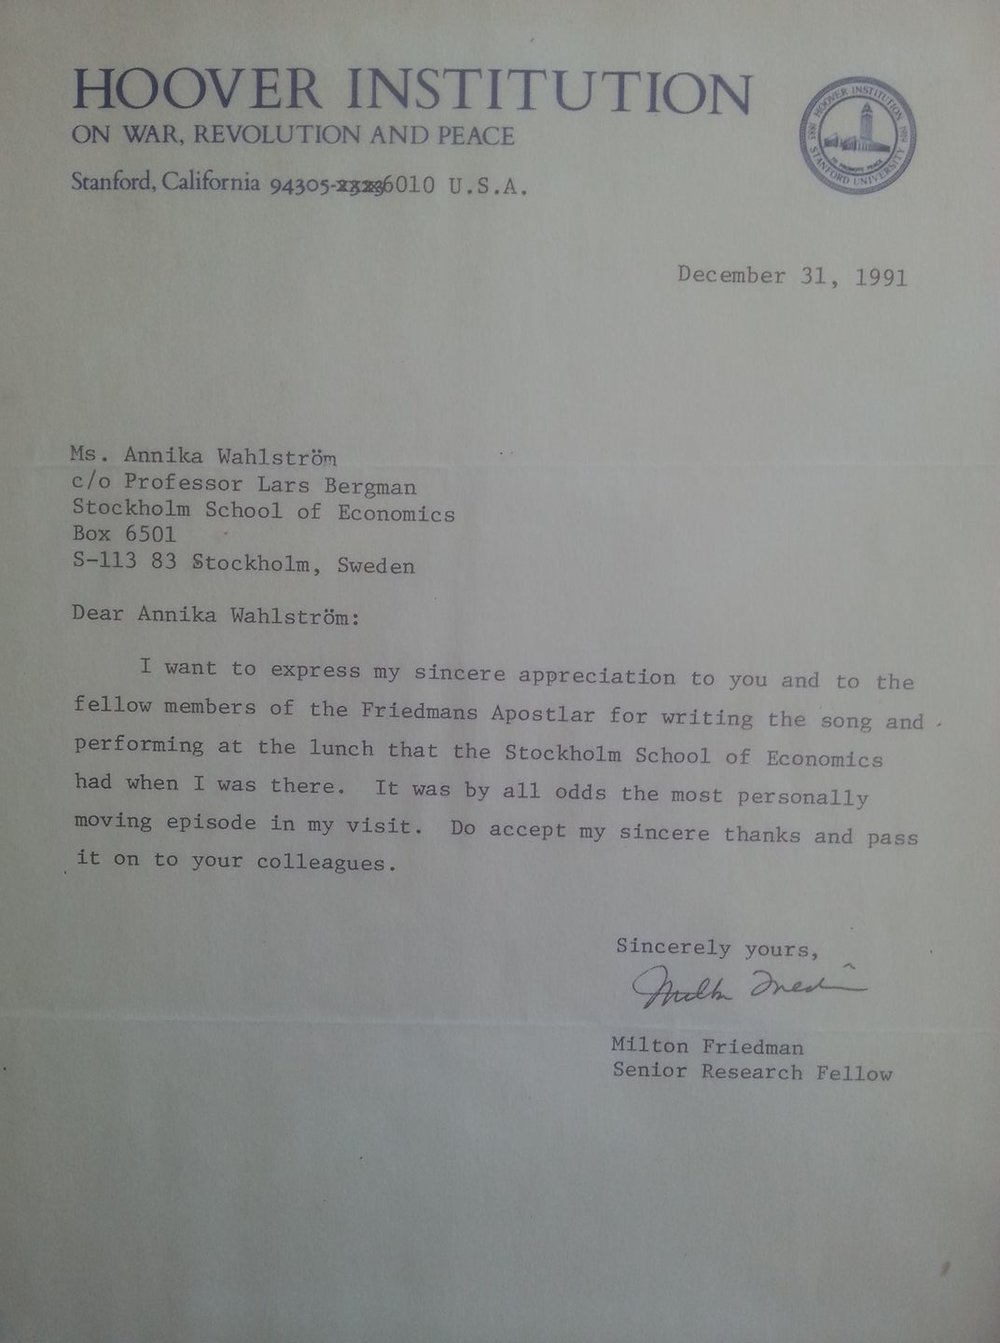 Brevet från Professor Milton Friedman som tack för den egenskrivna sången som framfördes.